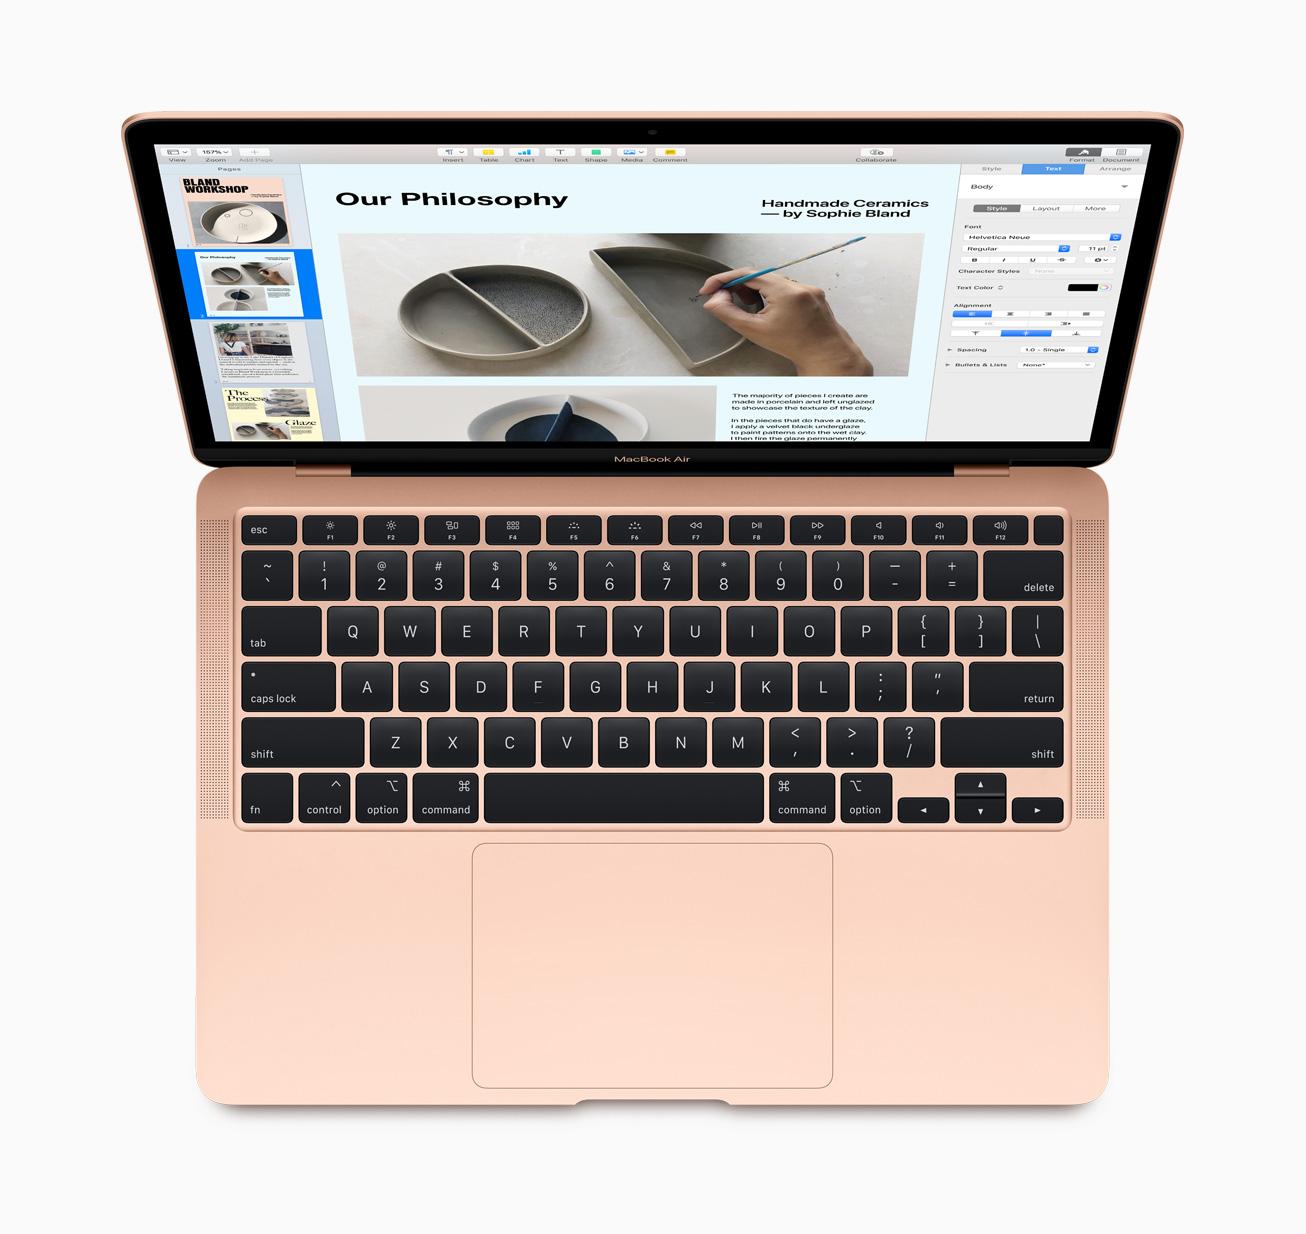 MacBook Air 2020 or